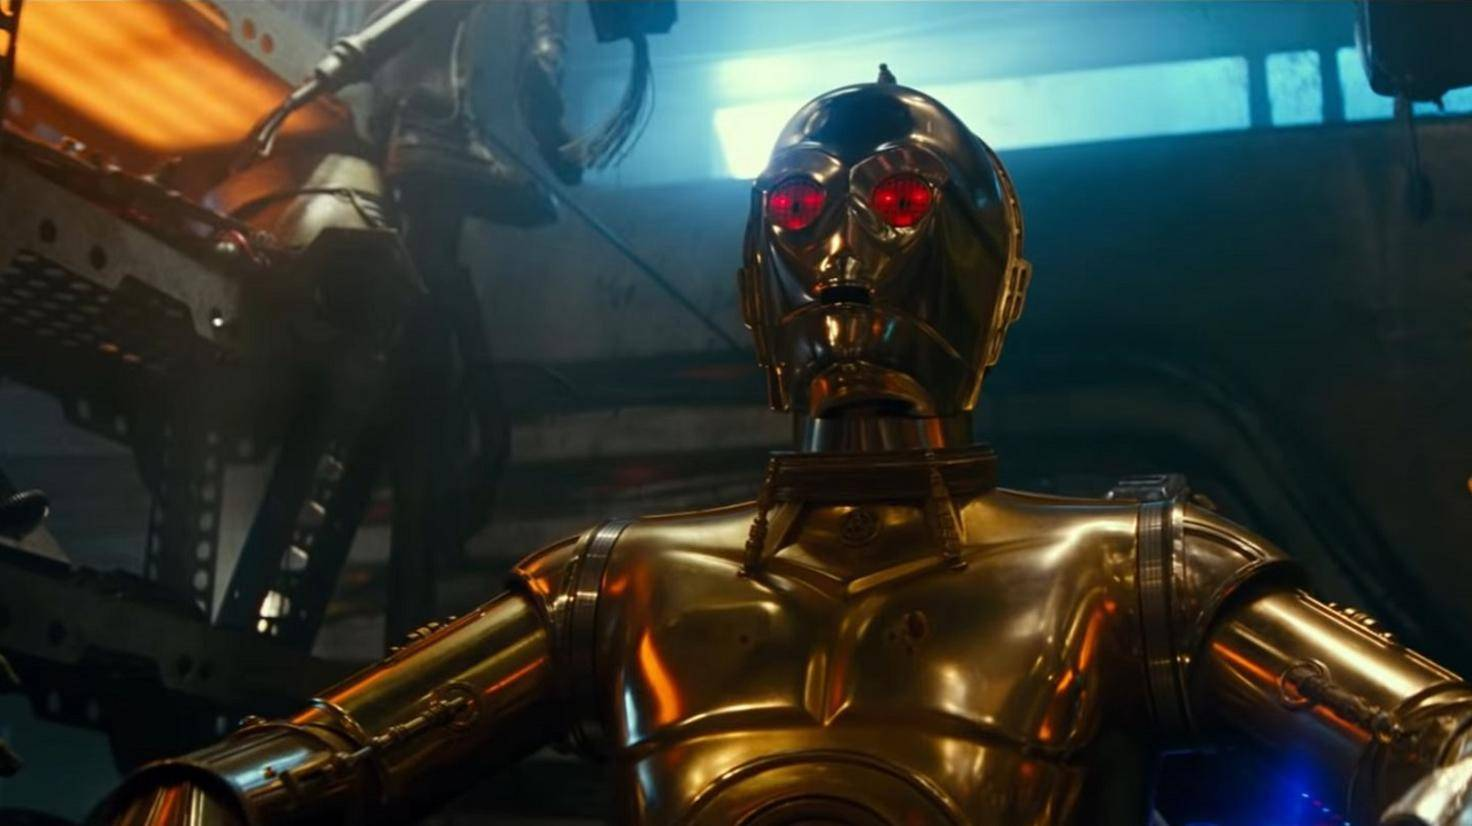 Tritt C3PO auf die dunkle Seite der Macht über?